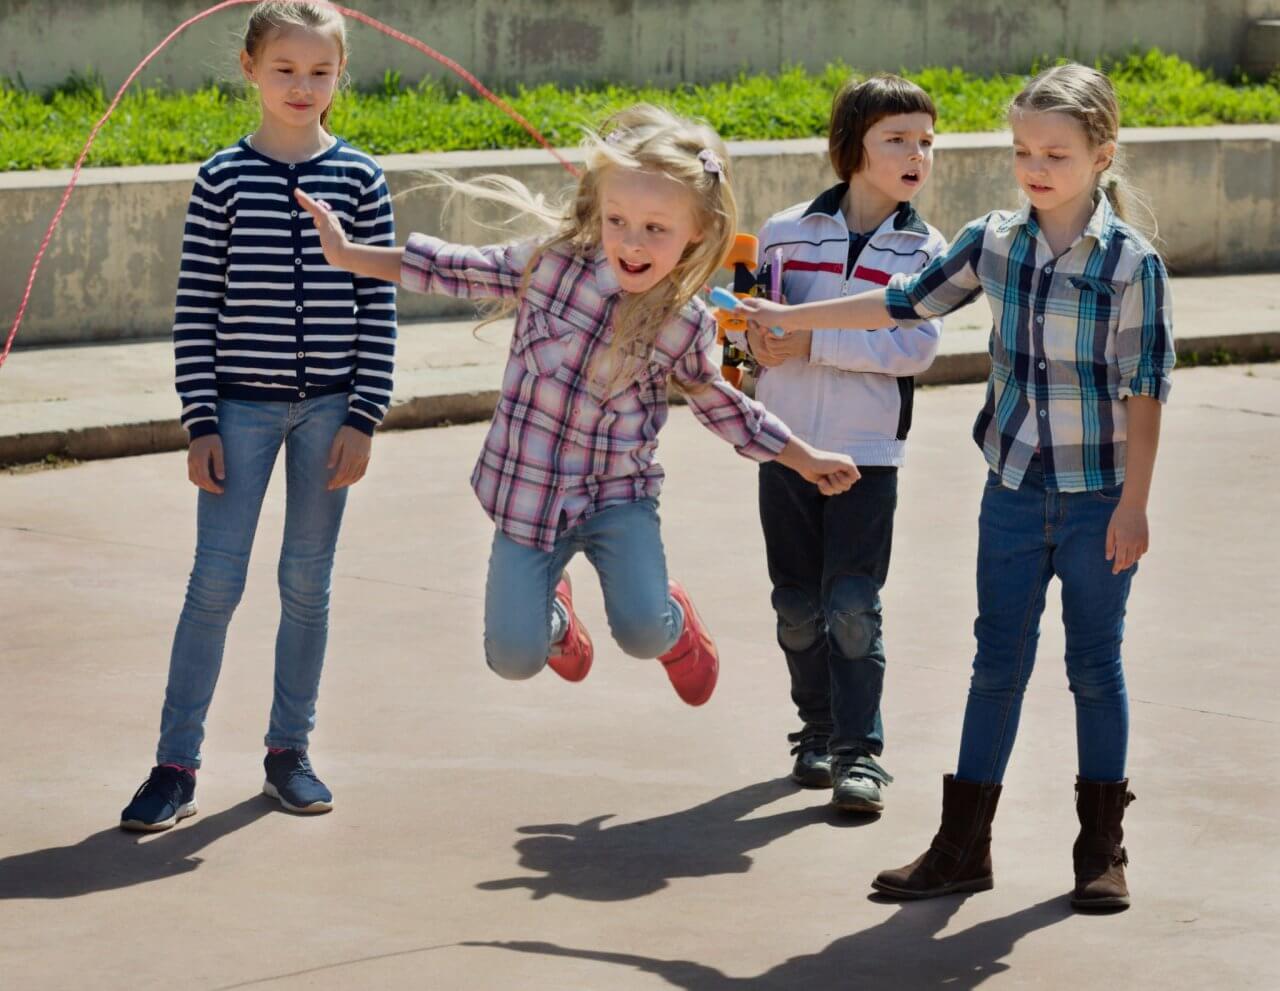 ppo_leiden_kinderen_springtouw